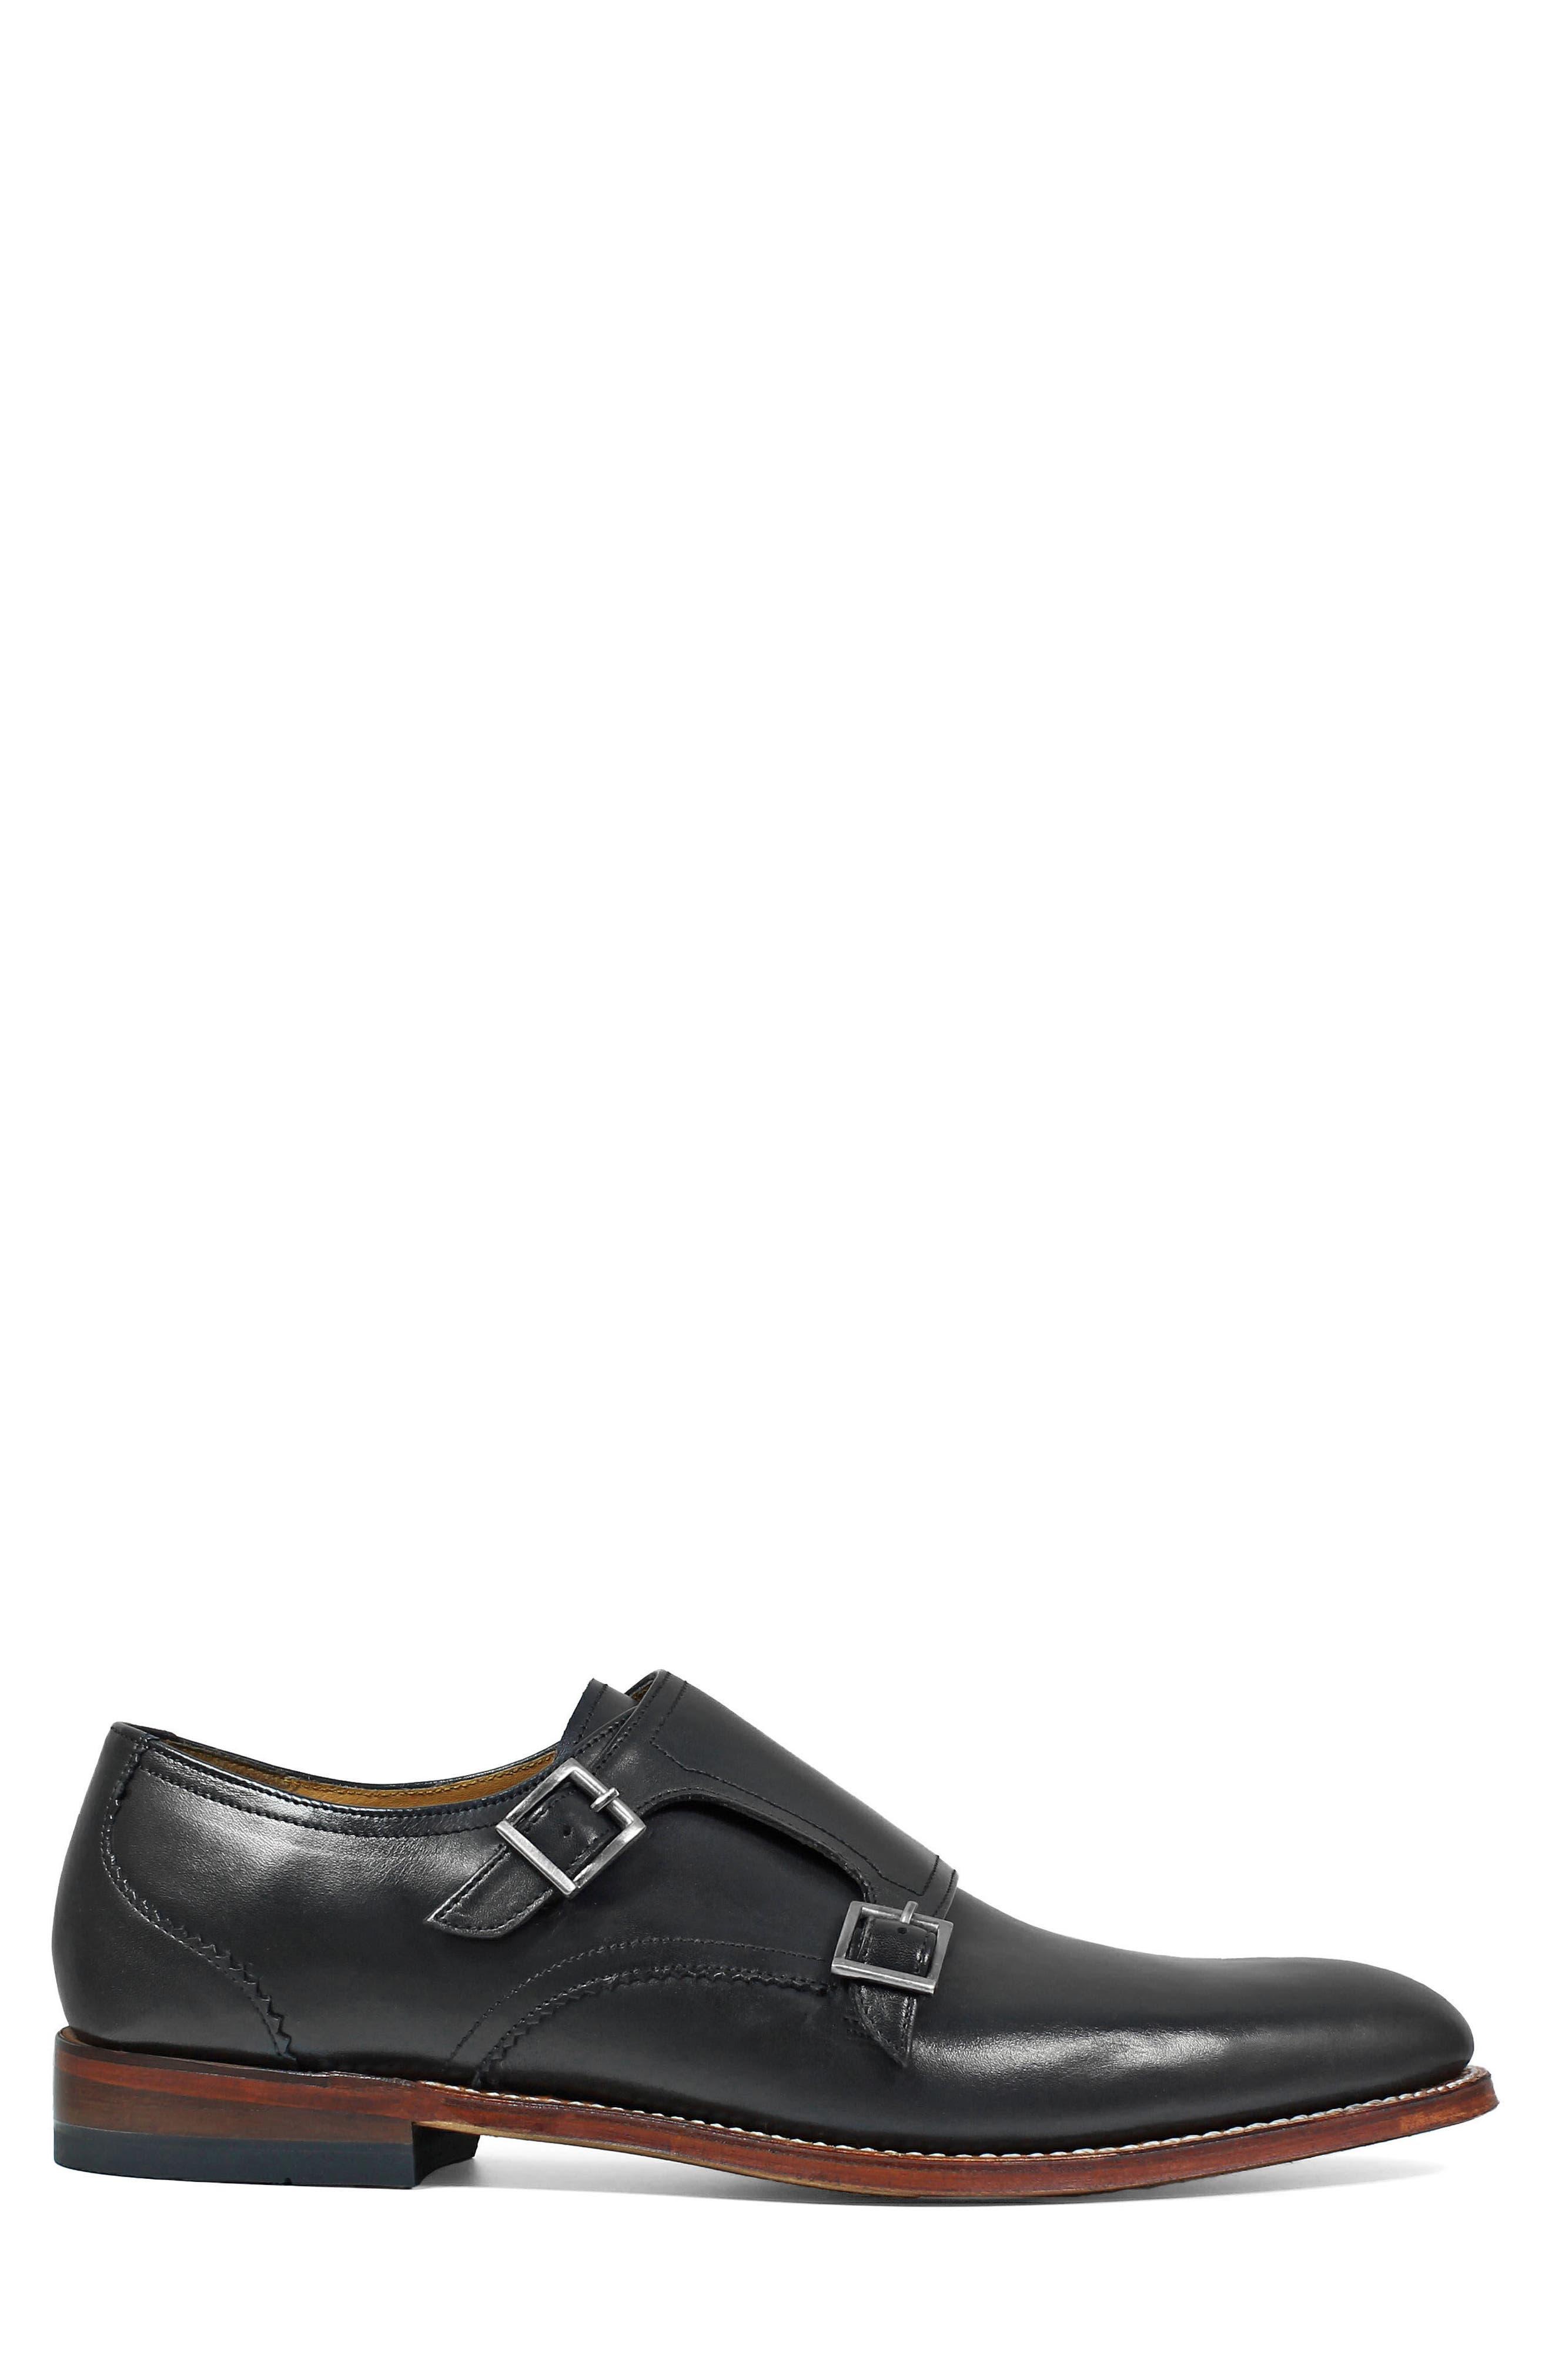 M2 Plain Toe Double Strap Monk Shoe,                             Alternate thumbnail 3, color,                             Black Leather